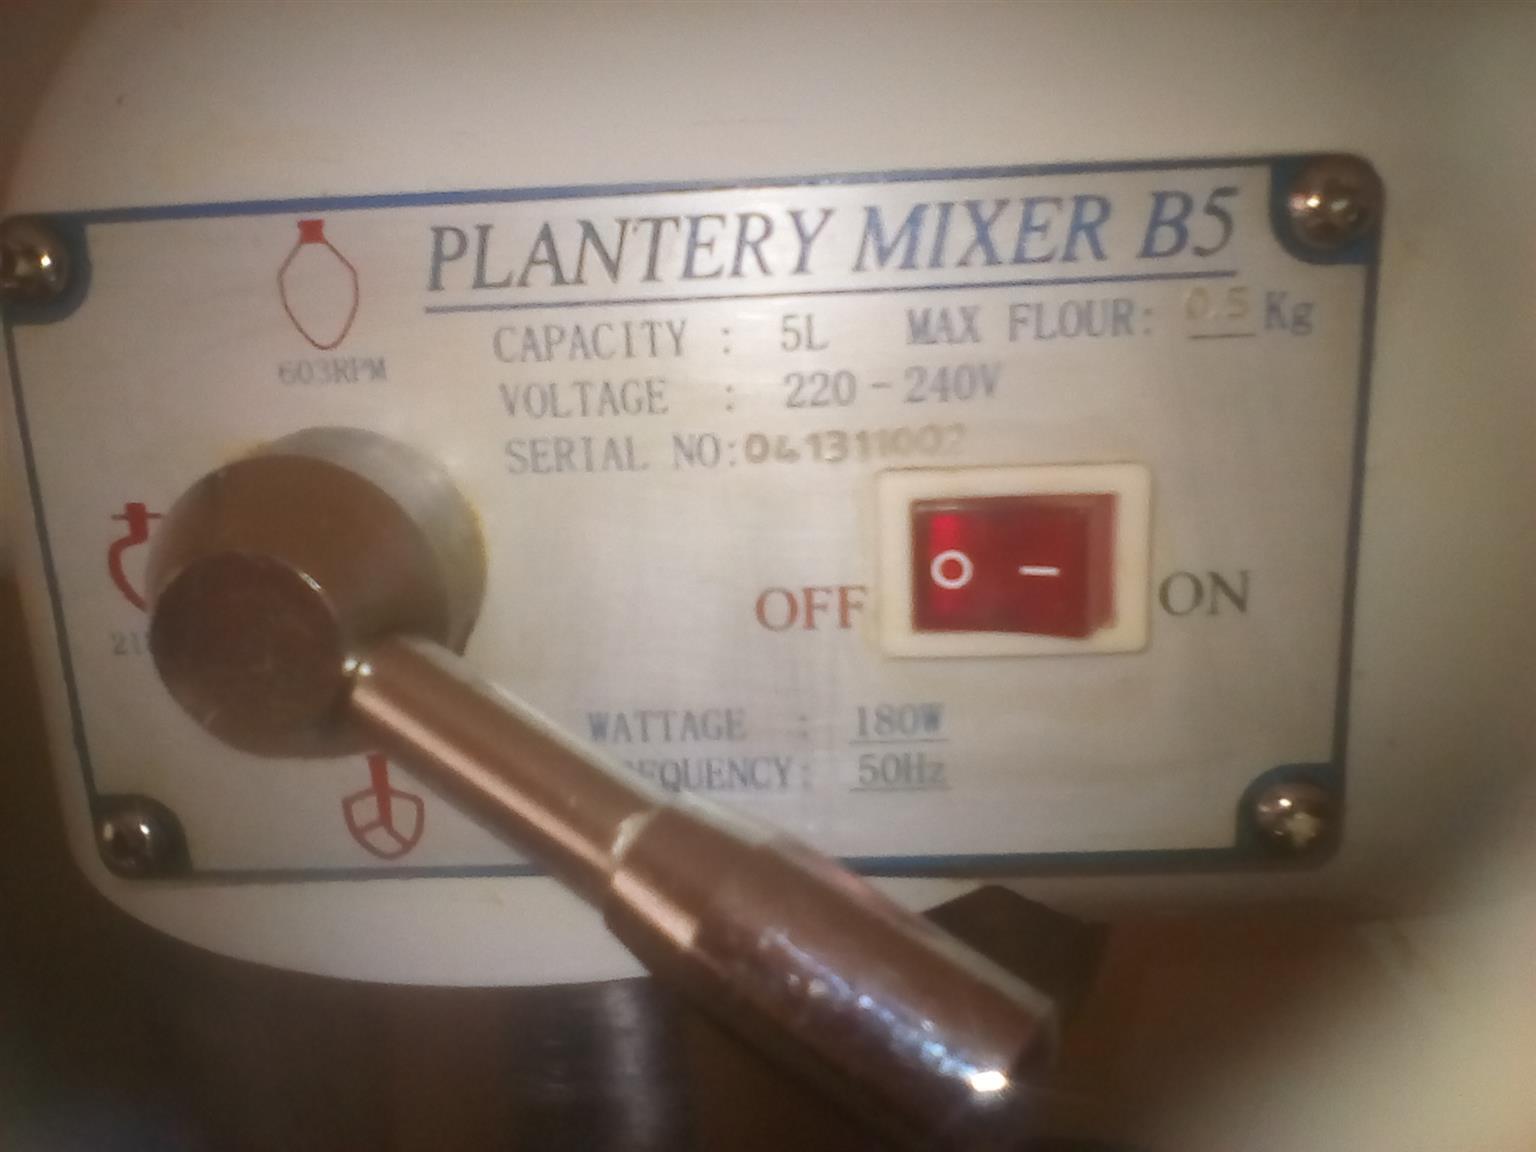 Plantery B5 mixer